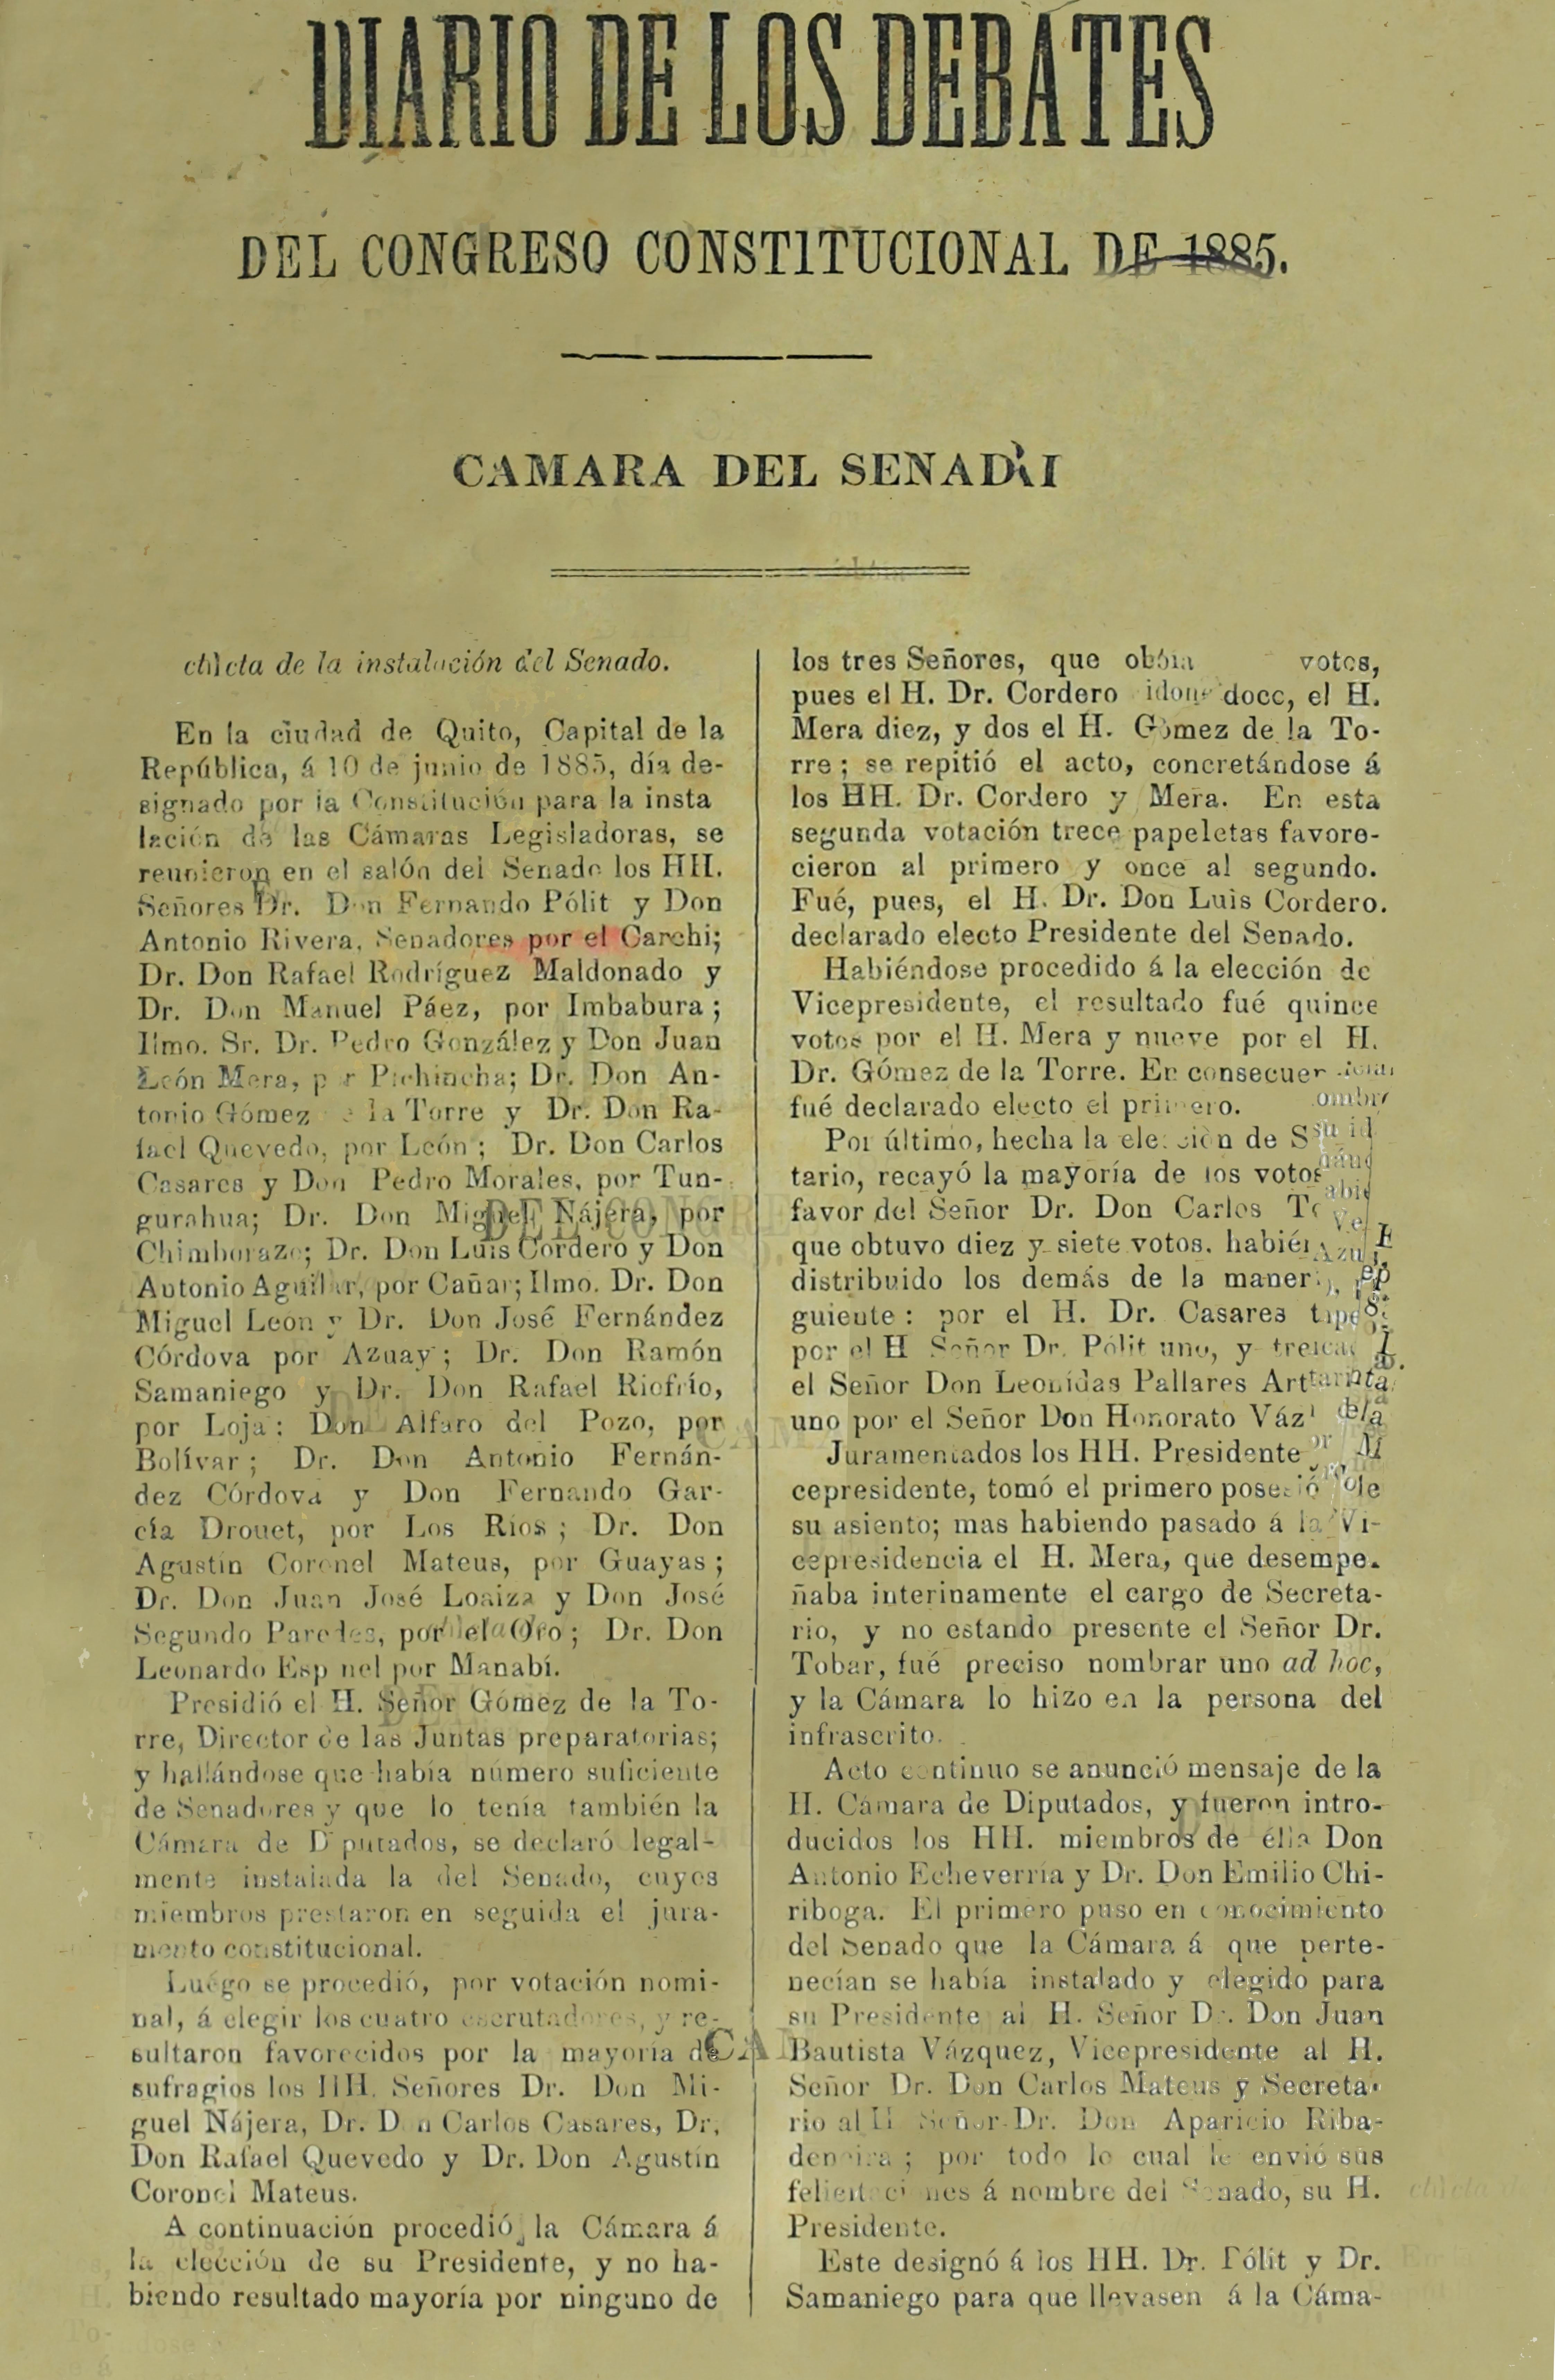 Diario de los Debates del Congreso Constitucional de 1885. Cámara del Senado